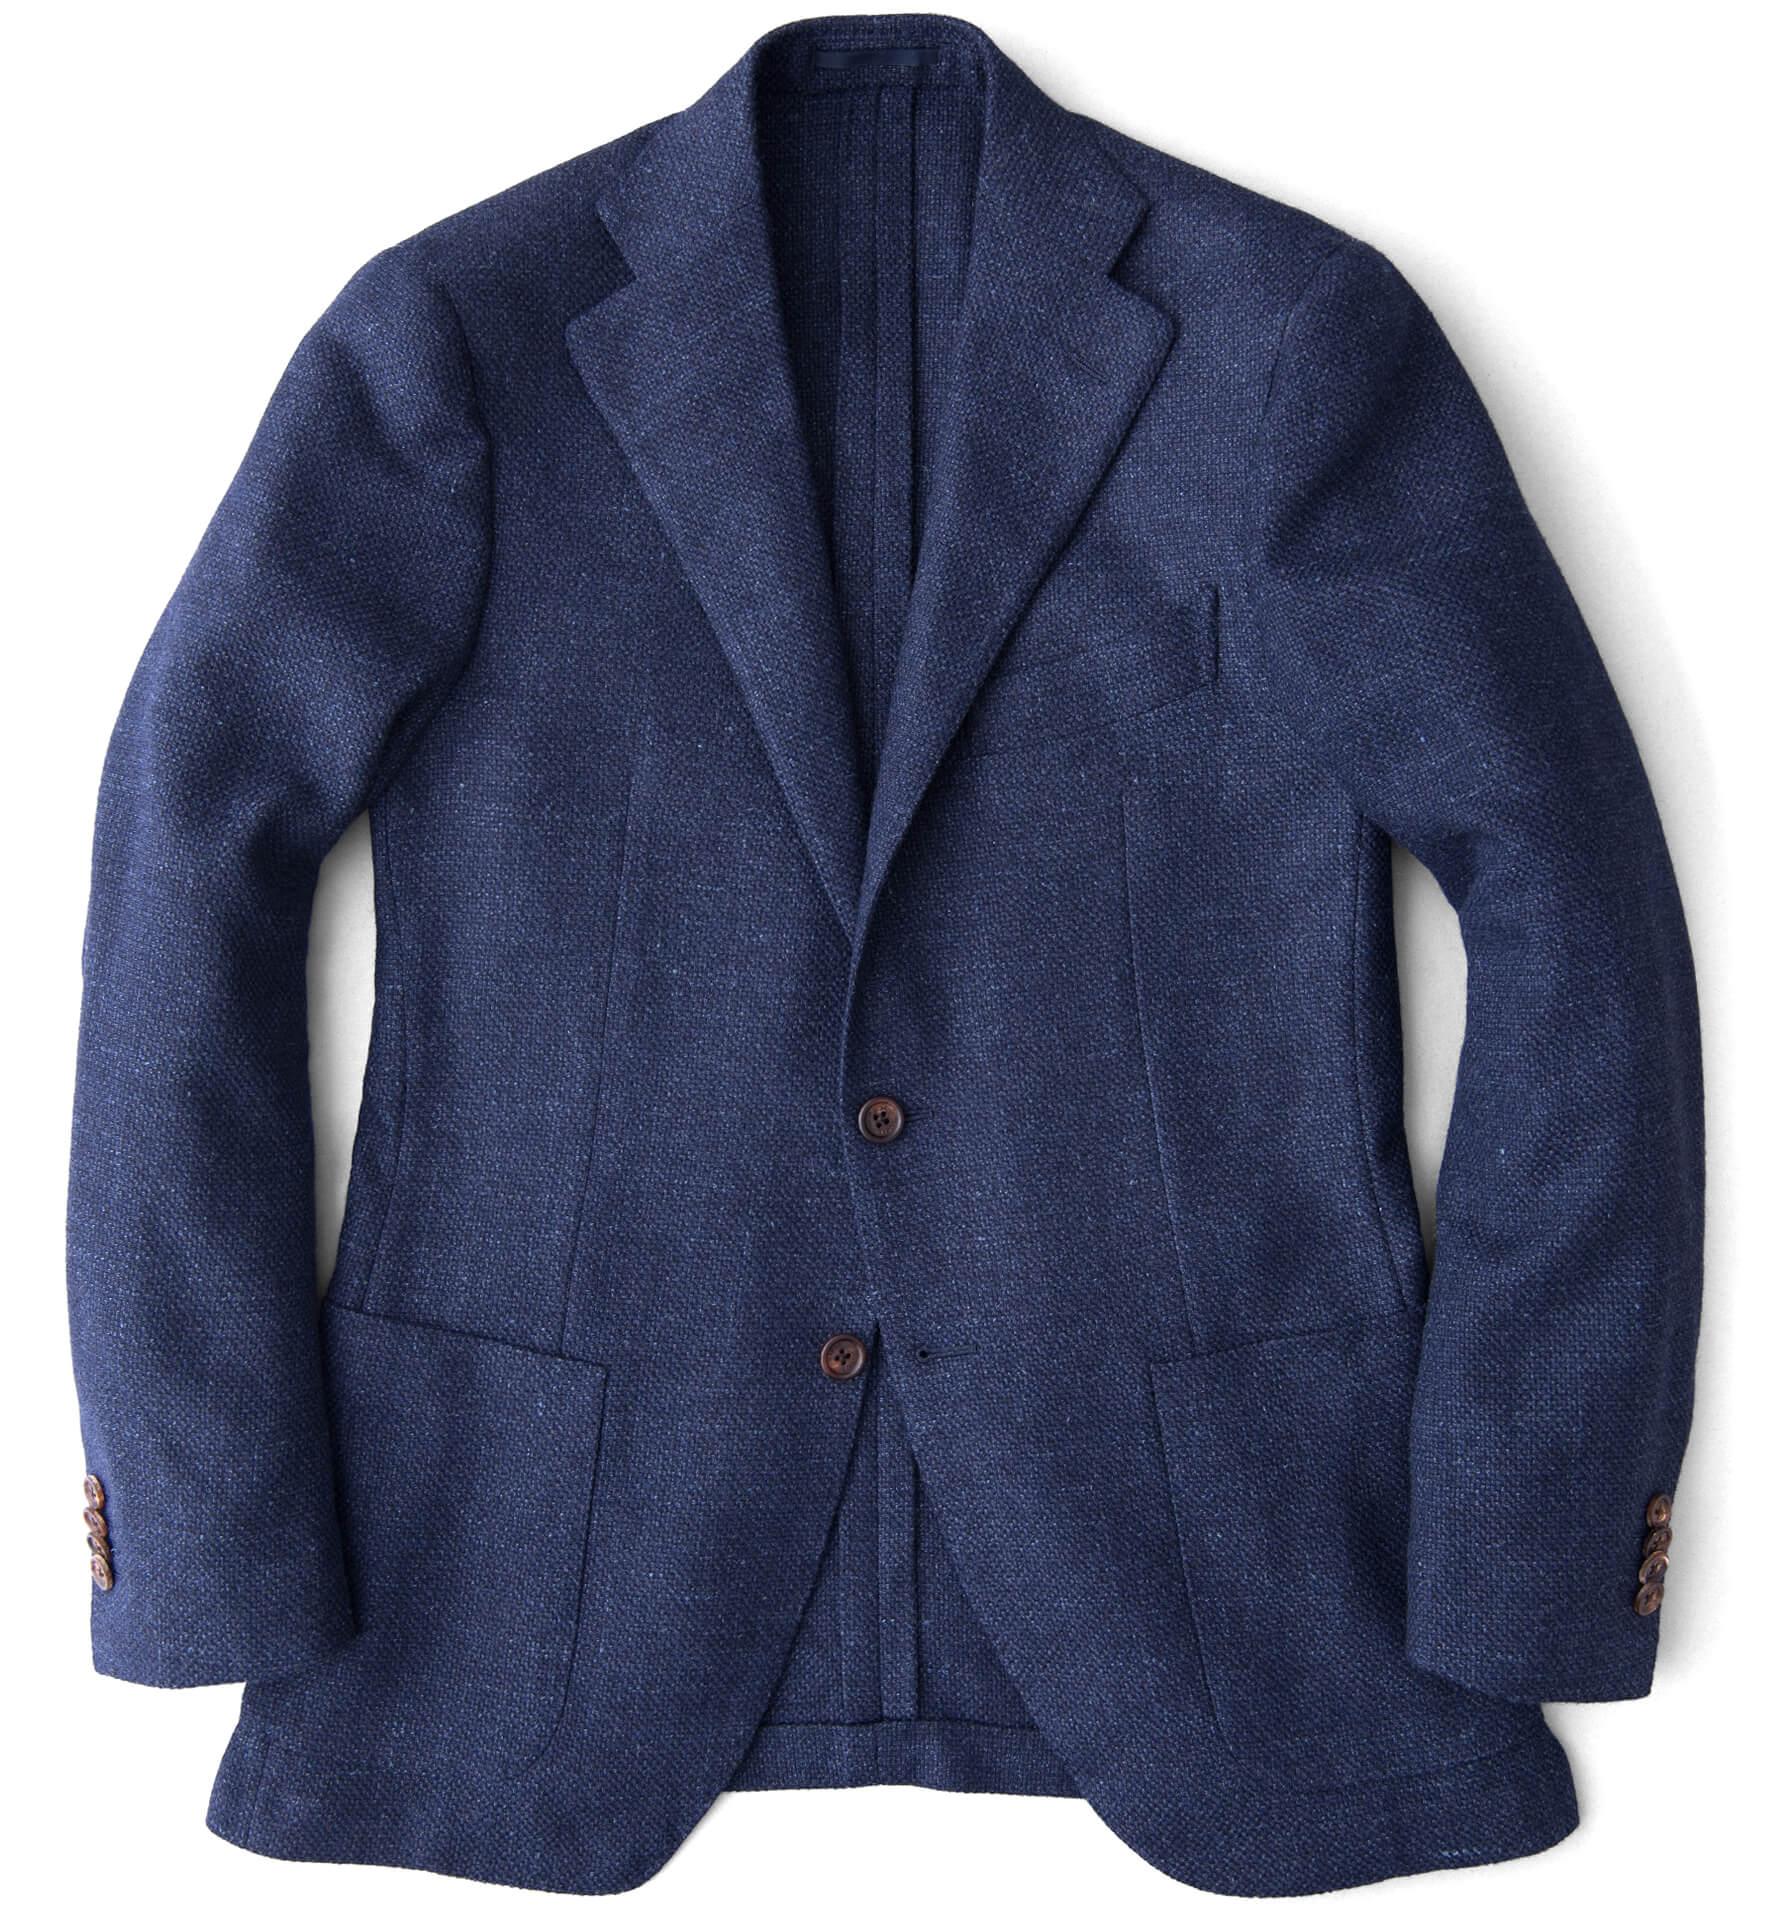 Zoom Image of Hudson Navy Basketweave Wool Flannel Jacket